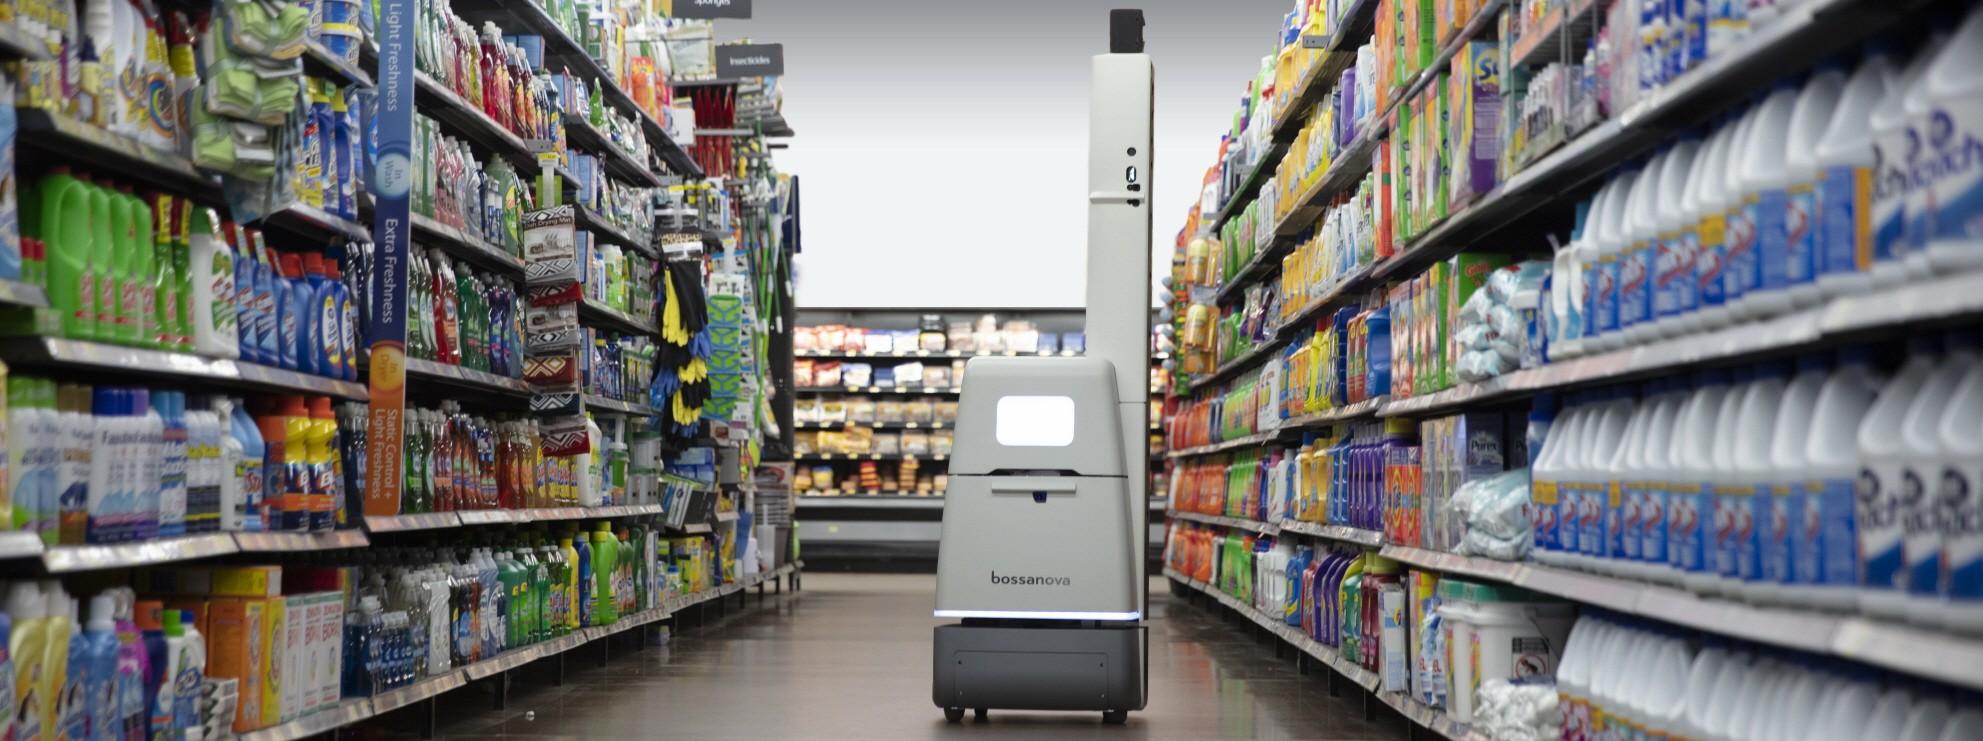 Lg expands investments in robot innovators newsroom jpg 1983x741 Nova  robotics a4f7a2f1b